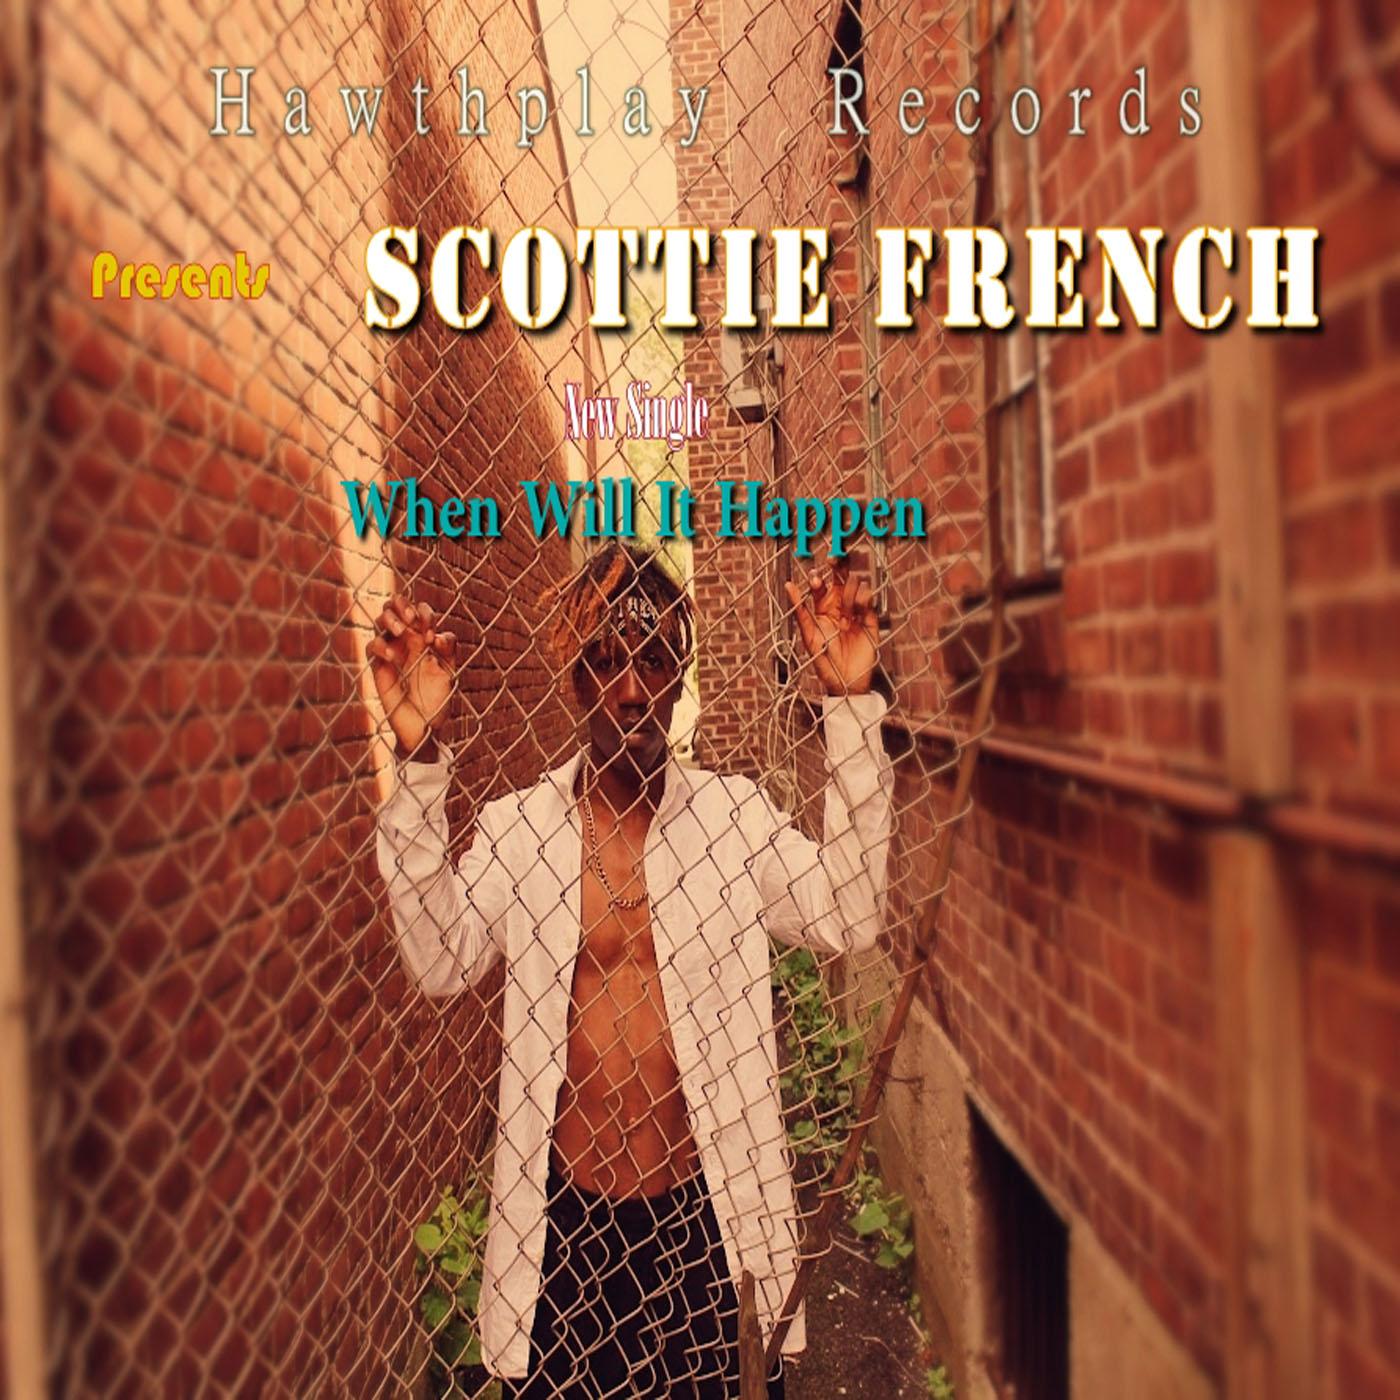 When will it happen- Scottie French